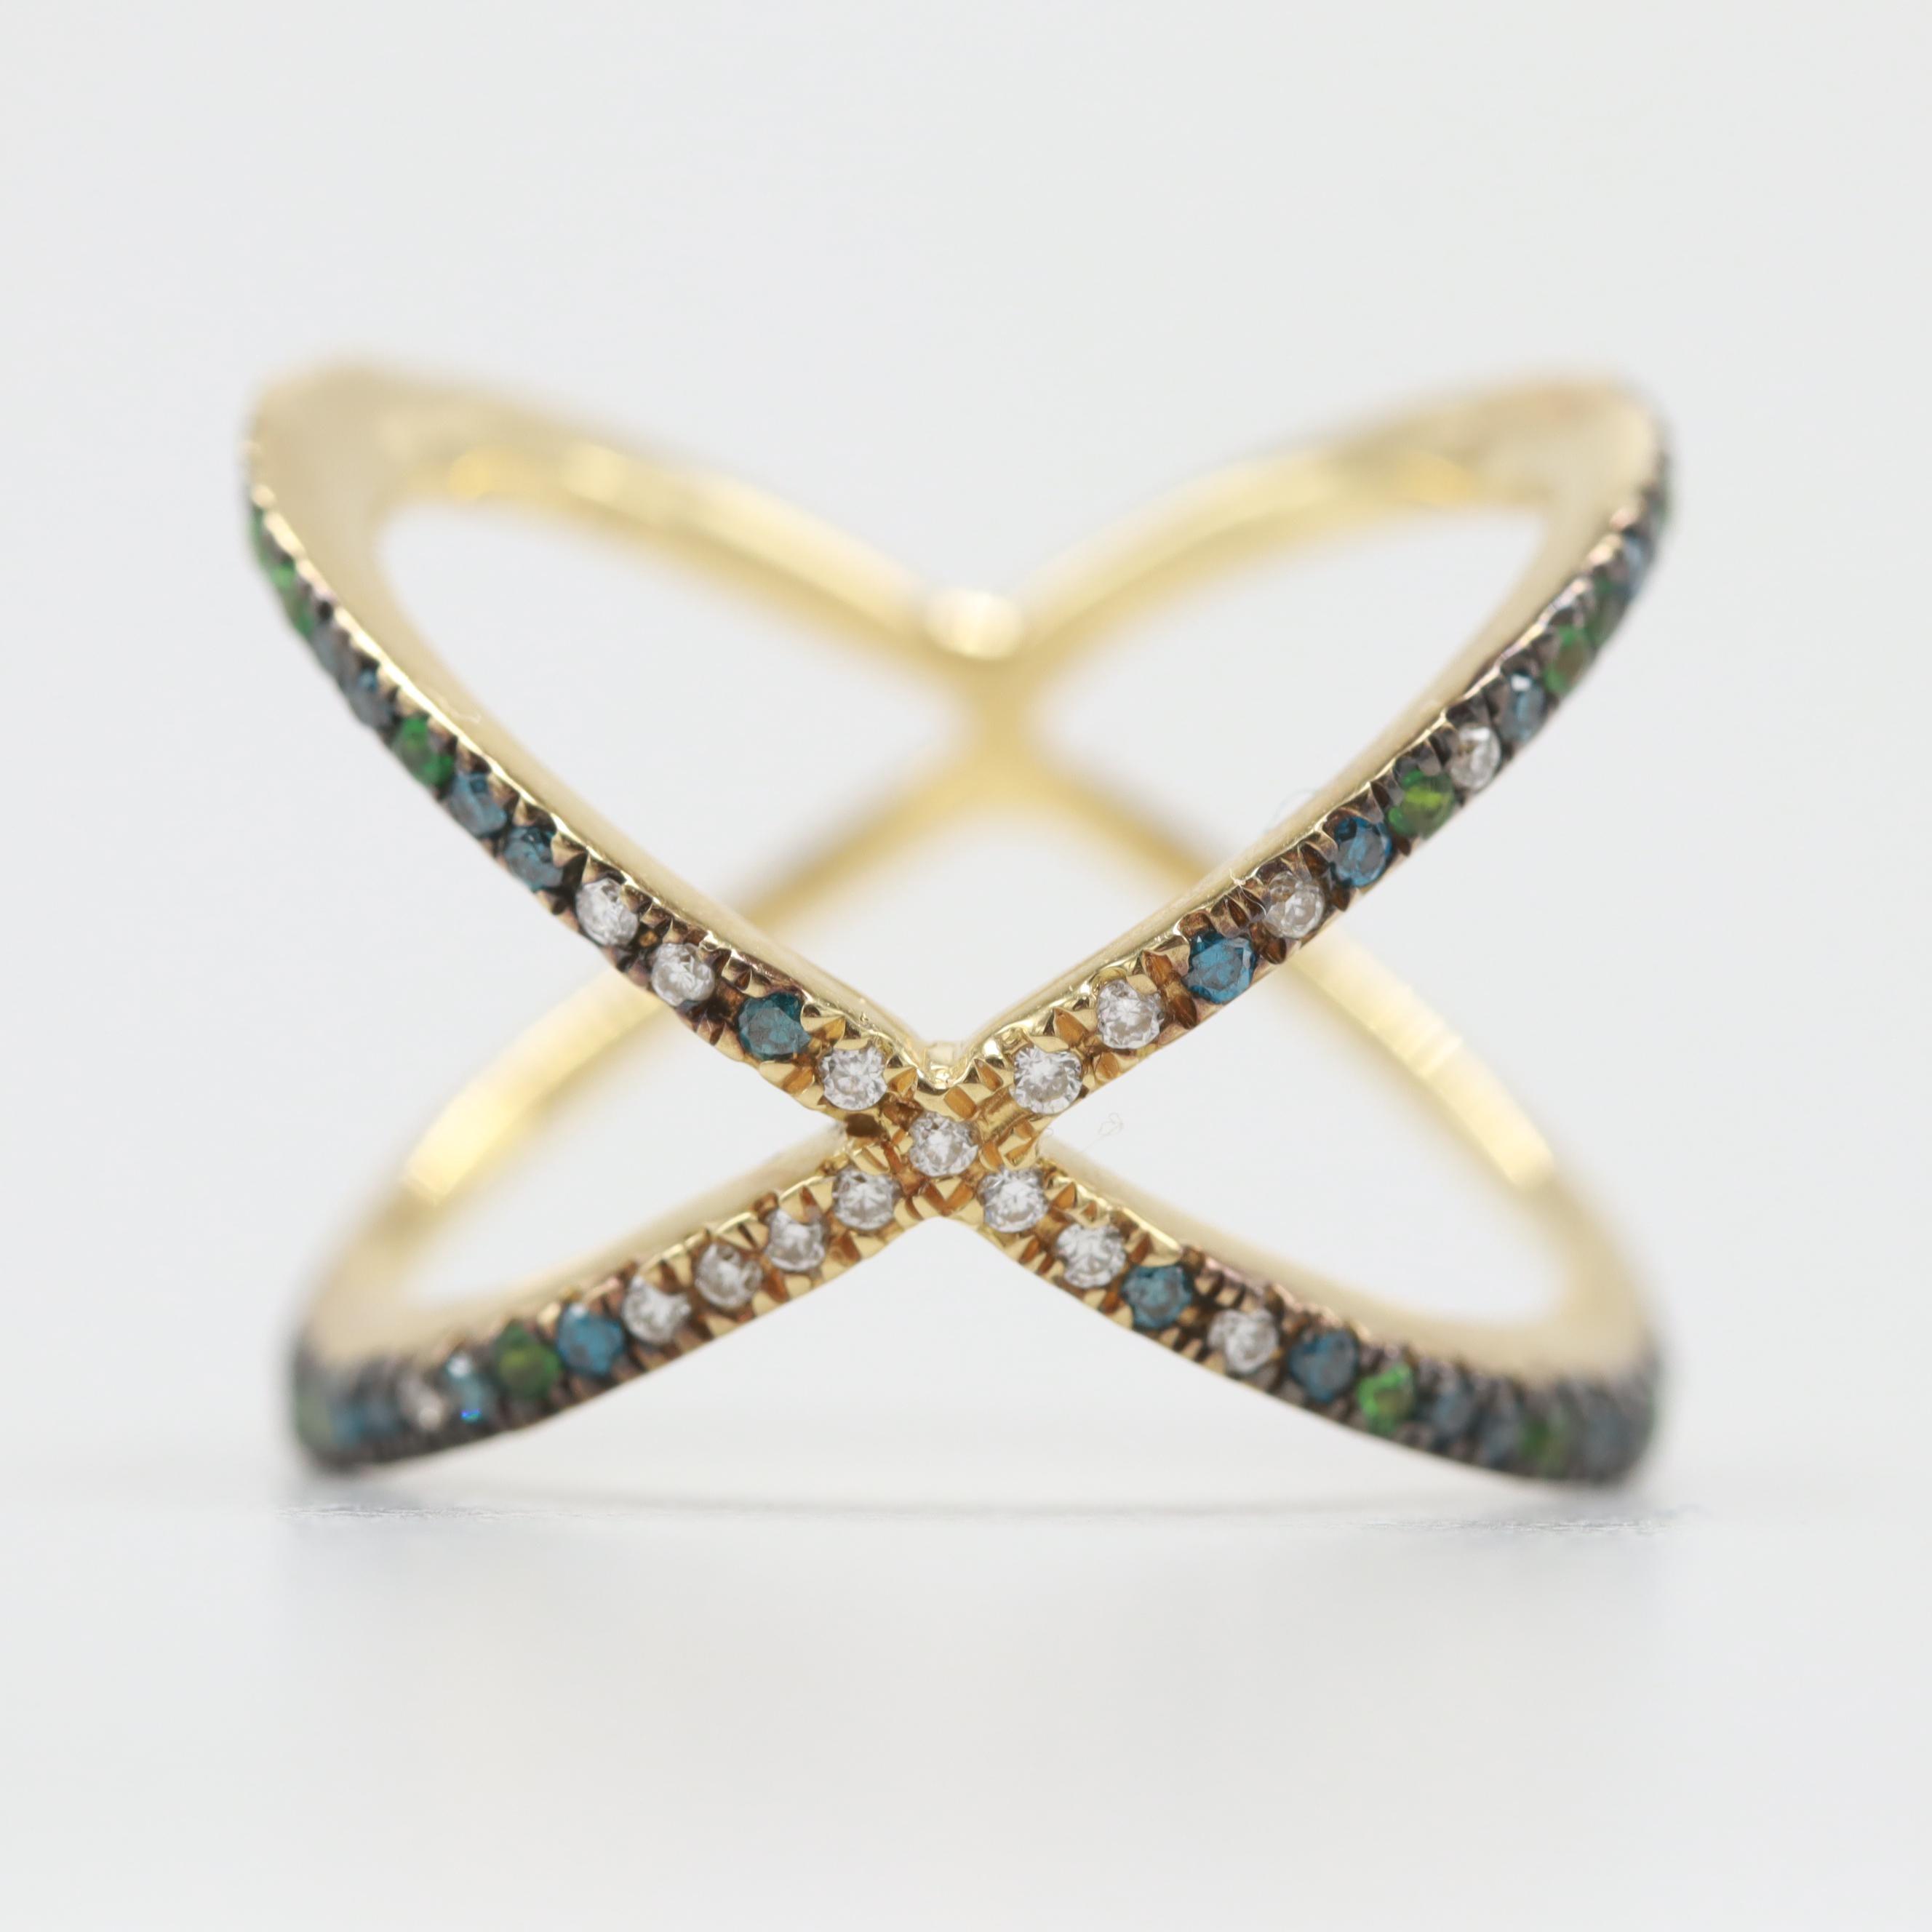 18K Yellow Gold Tsavorite Garnet and Diamond Ring